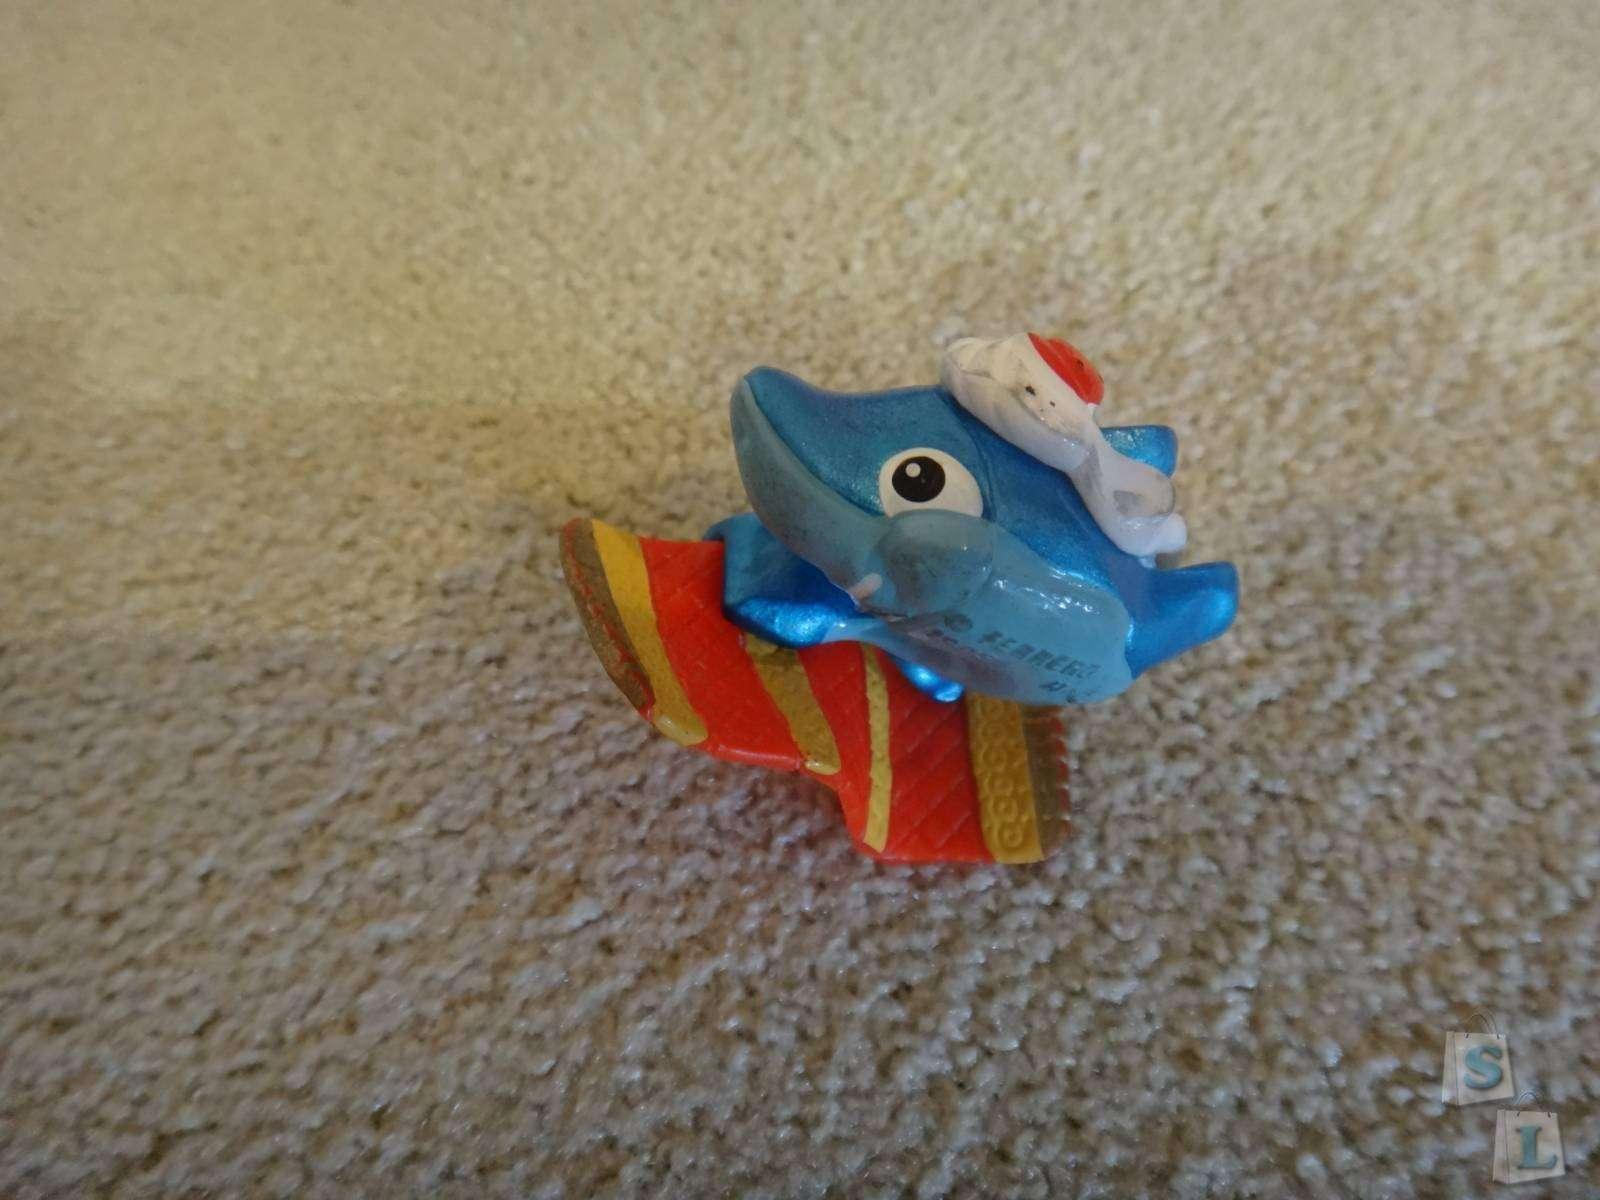 Другие: Обзор детской настольной игры 'Эй, это моя рыба' (сделанной собственноручно) польской фирмы «Гранна» (Granna)